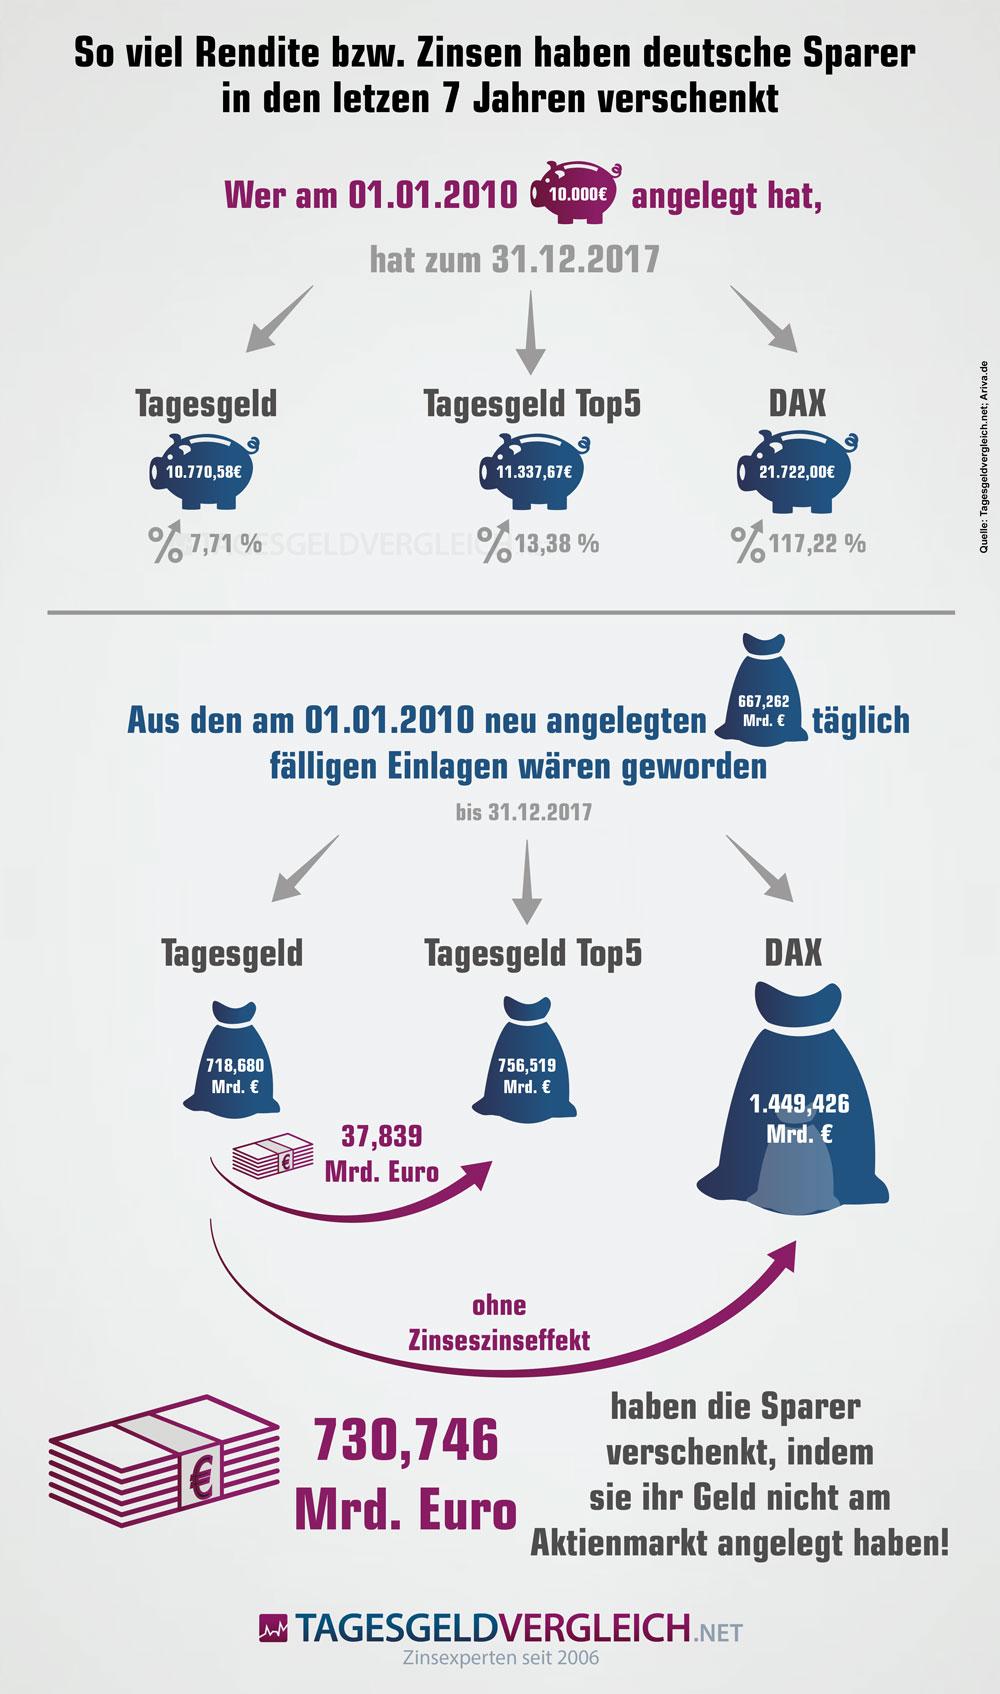 Infografik zu verschenkten Renditen und Zinsen deutscher Sparer